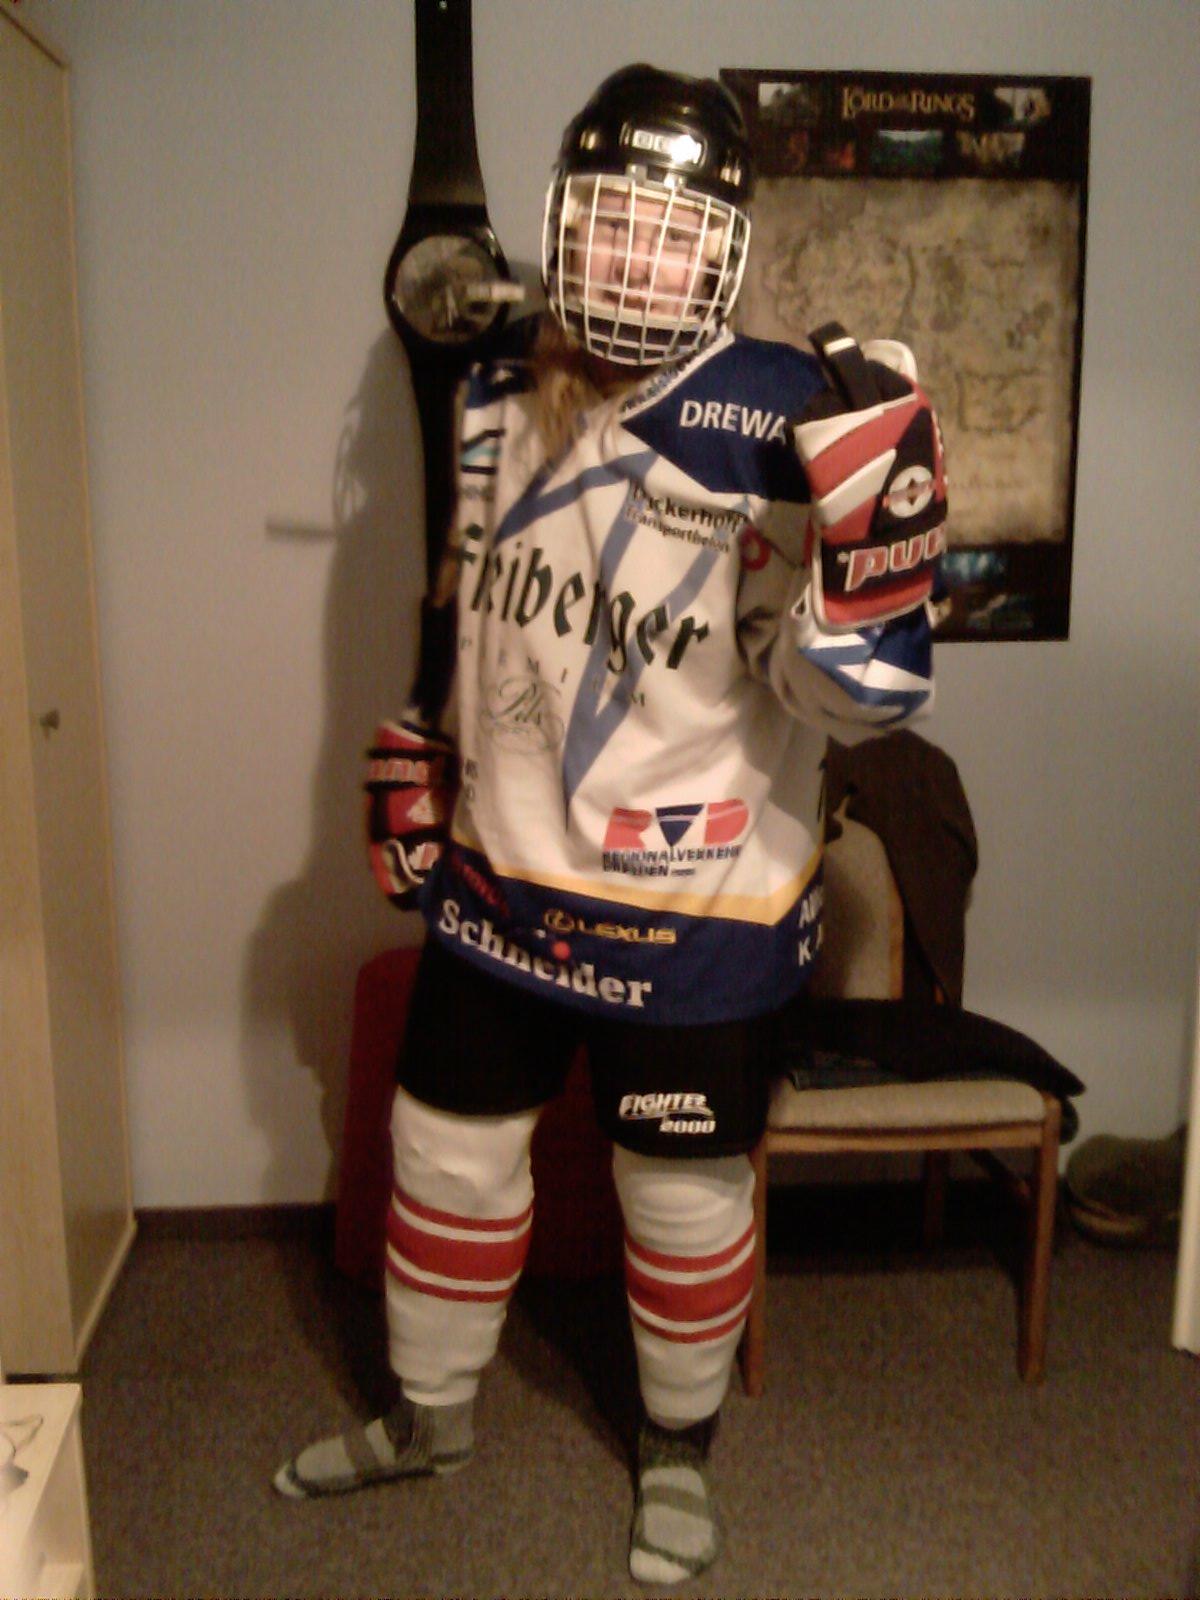 dafl in Eishockeyausrüstung